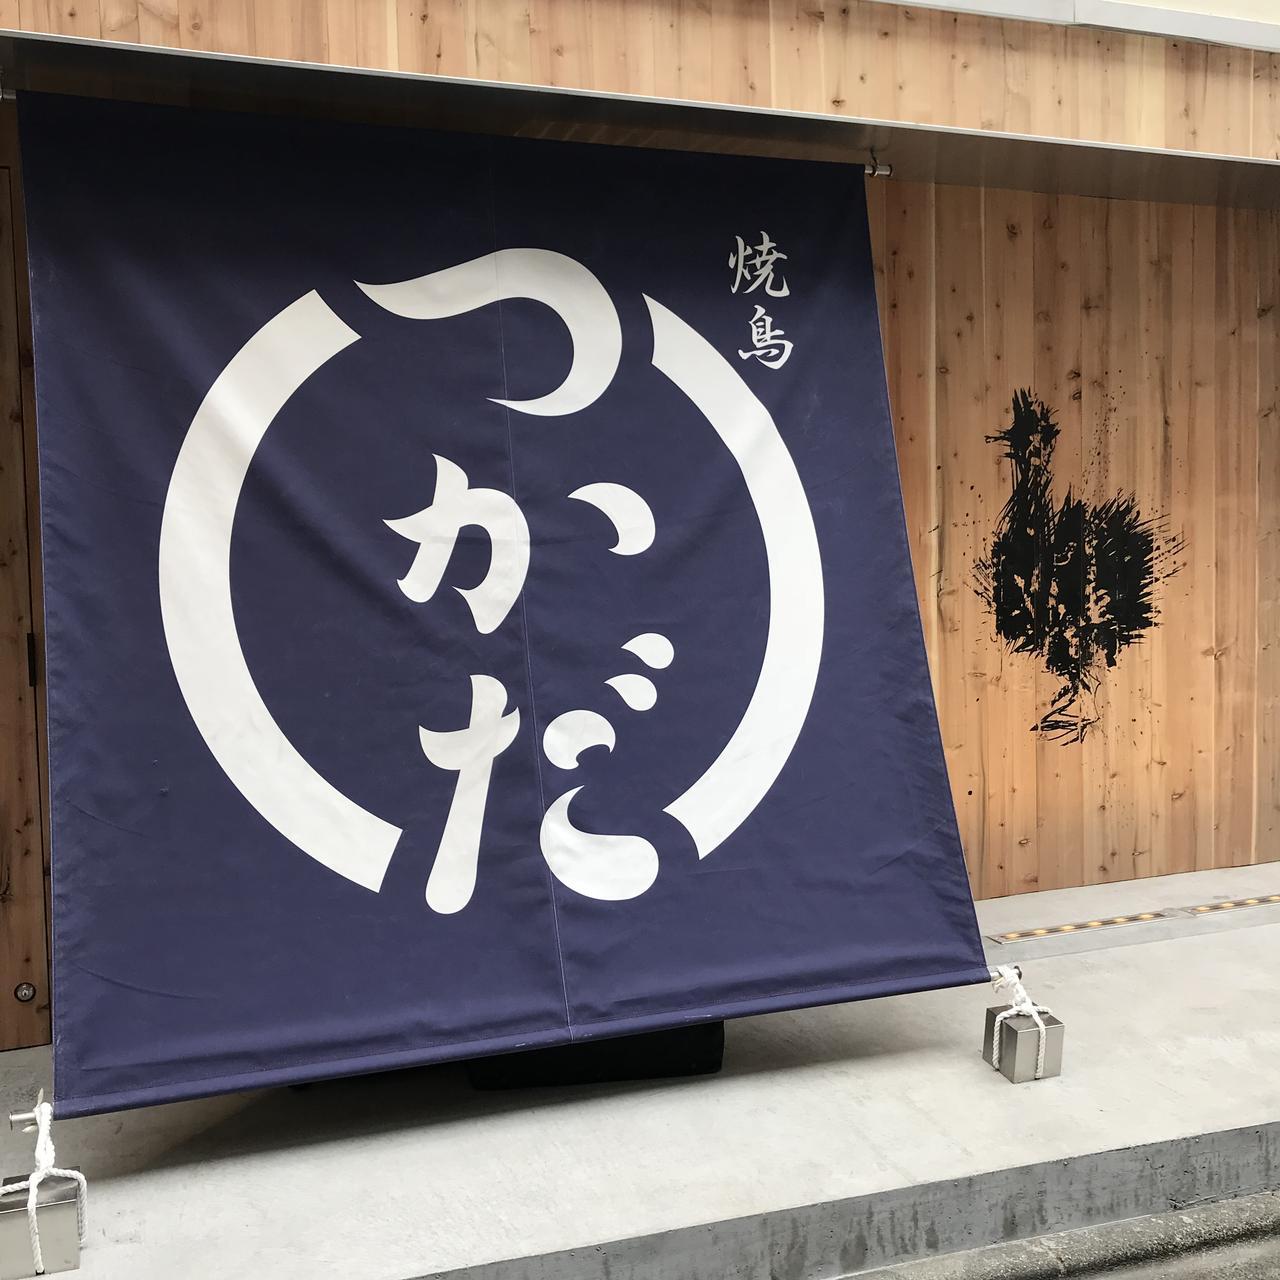 画像1: 【試食レポ】塚田農場の初旗艦店「焼鳥 つかだ」がオープン!